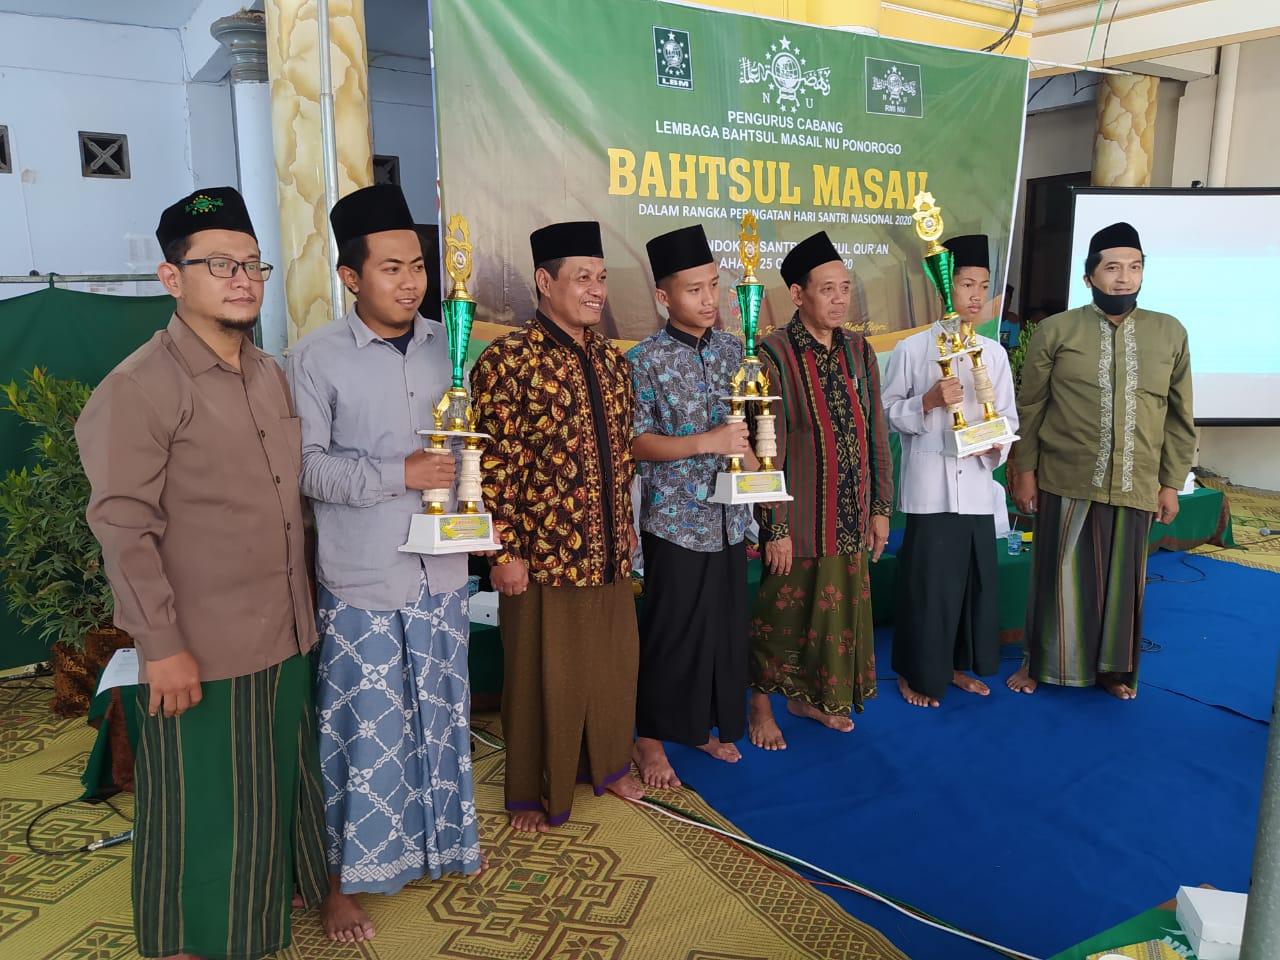 Para pemenang lomba lalaran nadzom imrithi HSN bersama jajaran pengurus PCNU dan Panitia HSN